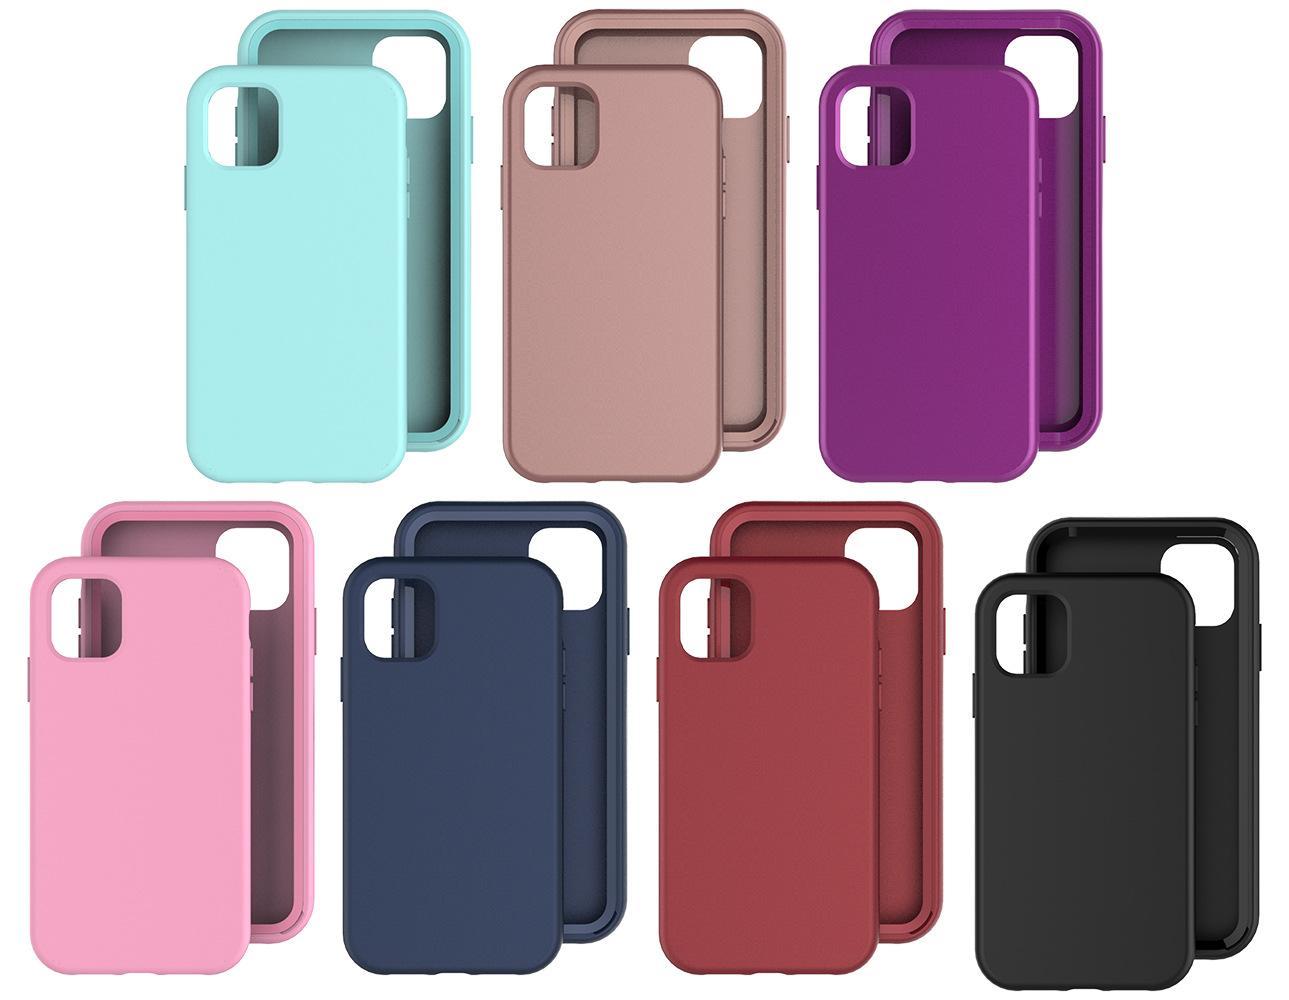 360 Полная защита ПК Чехлы для ПК для iPhone 11 12 Mini Pro Max 7 Цветов 2 в 1 Крышка ТПУ